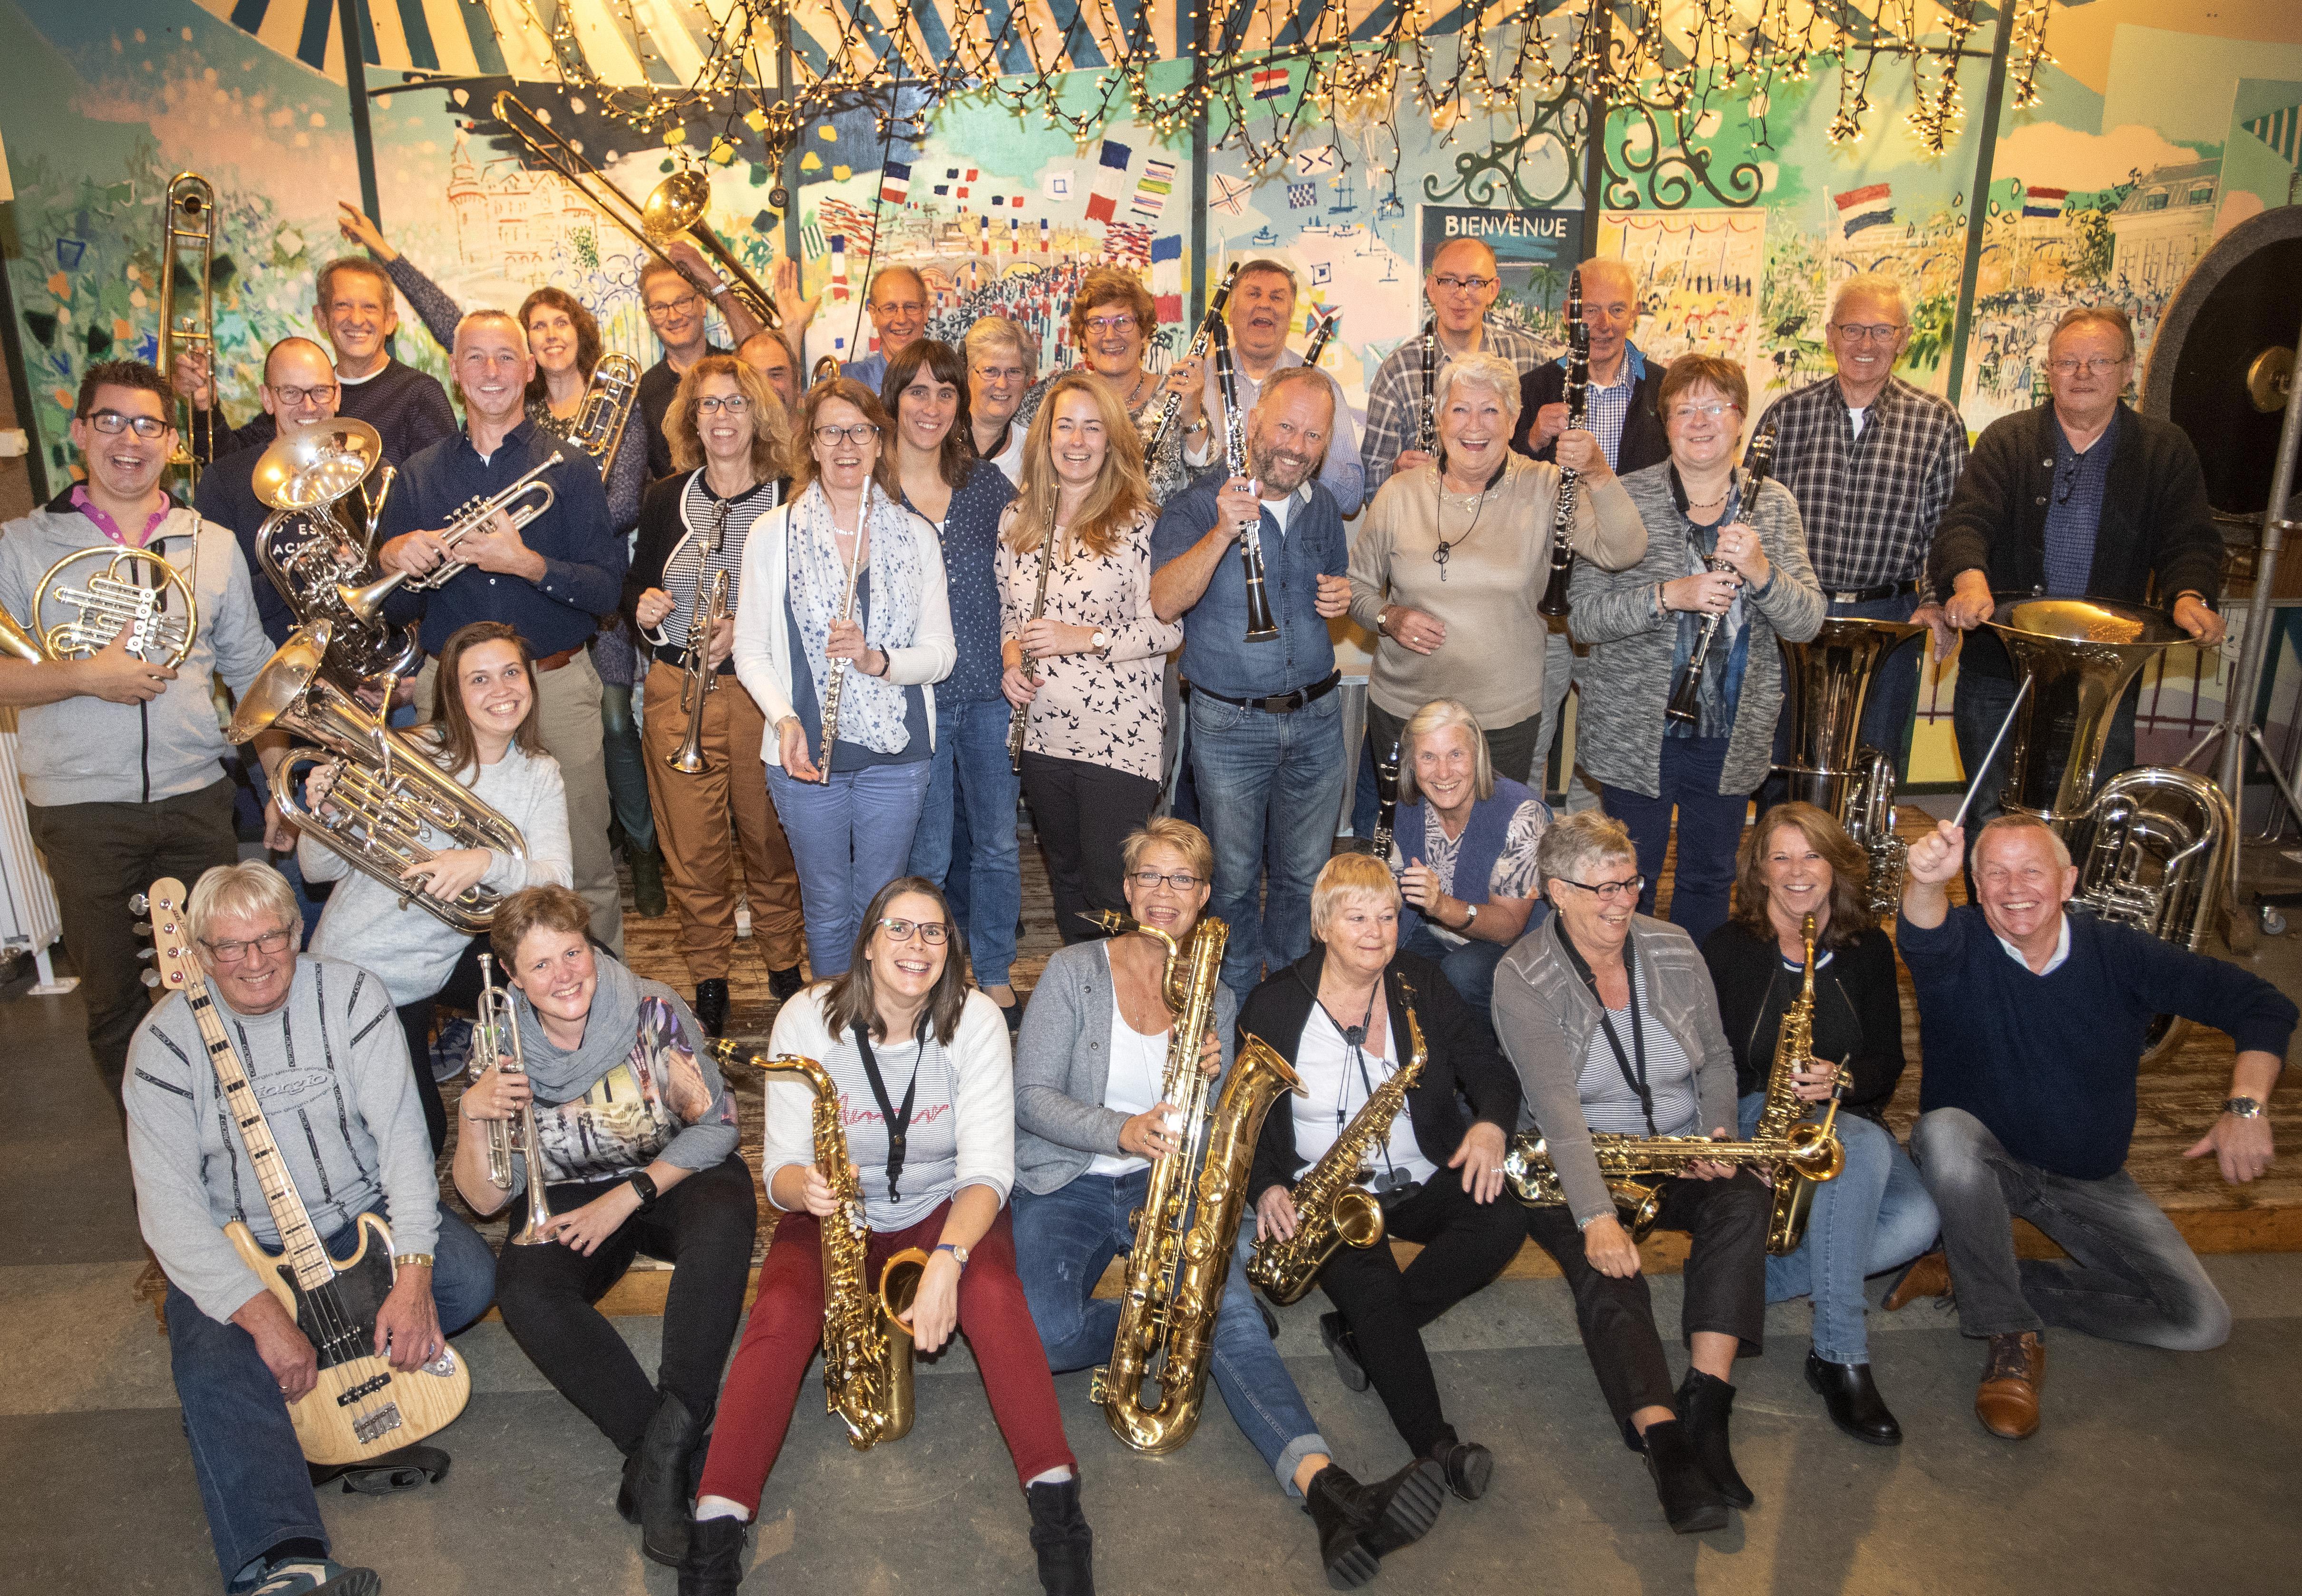 Vijfde Proms in Stadsschouwburg Velsen